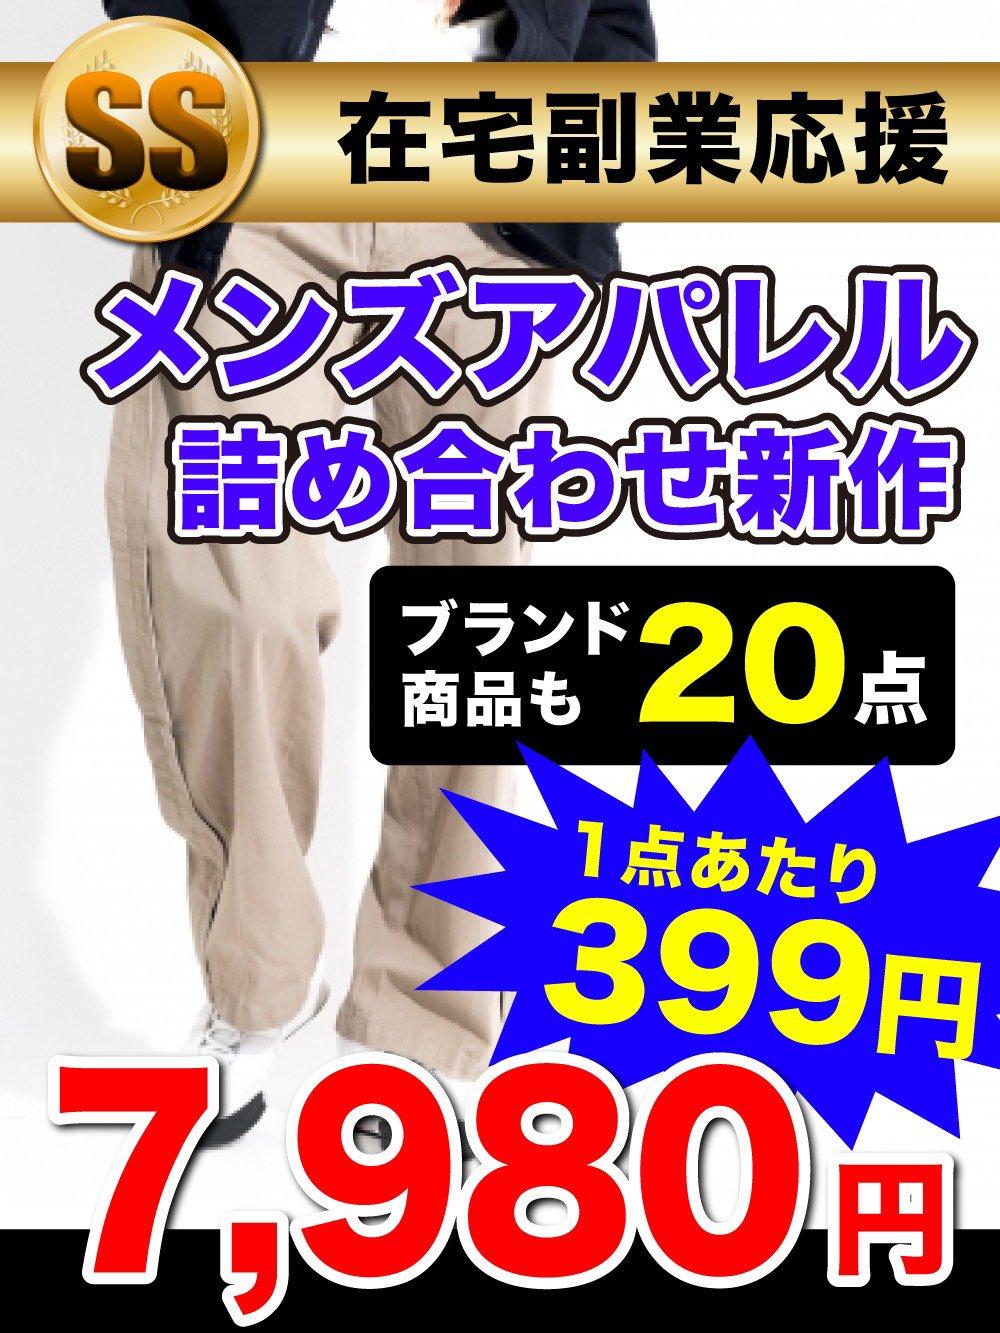 【在宅副業応援】メンズアパレル春夏詰め合わせ!新作ブランド商品も多数【20点】@399